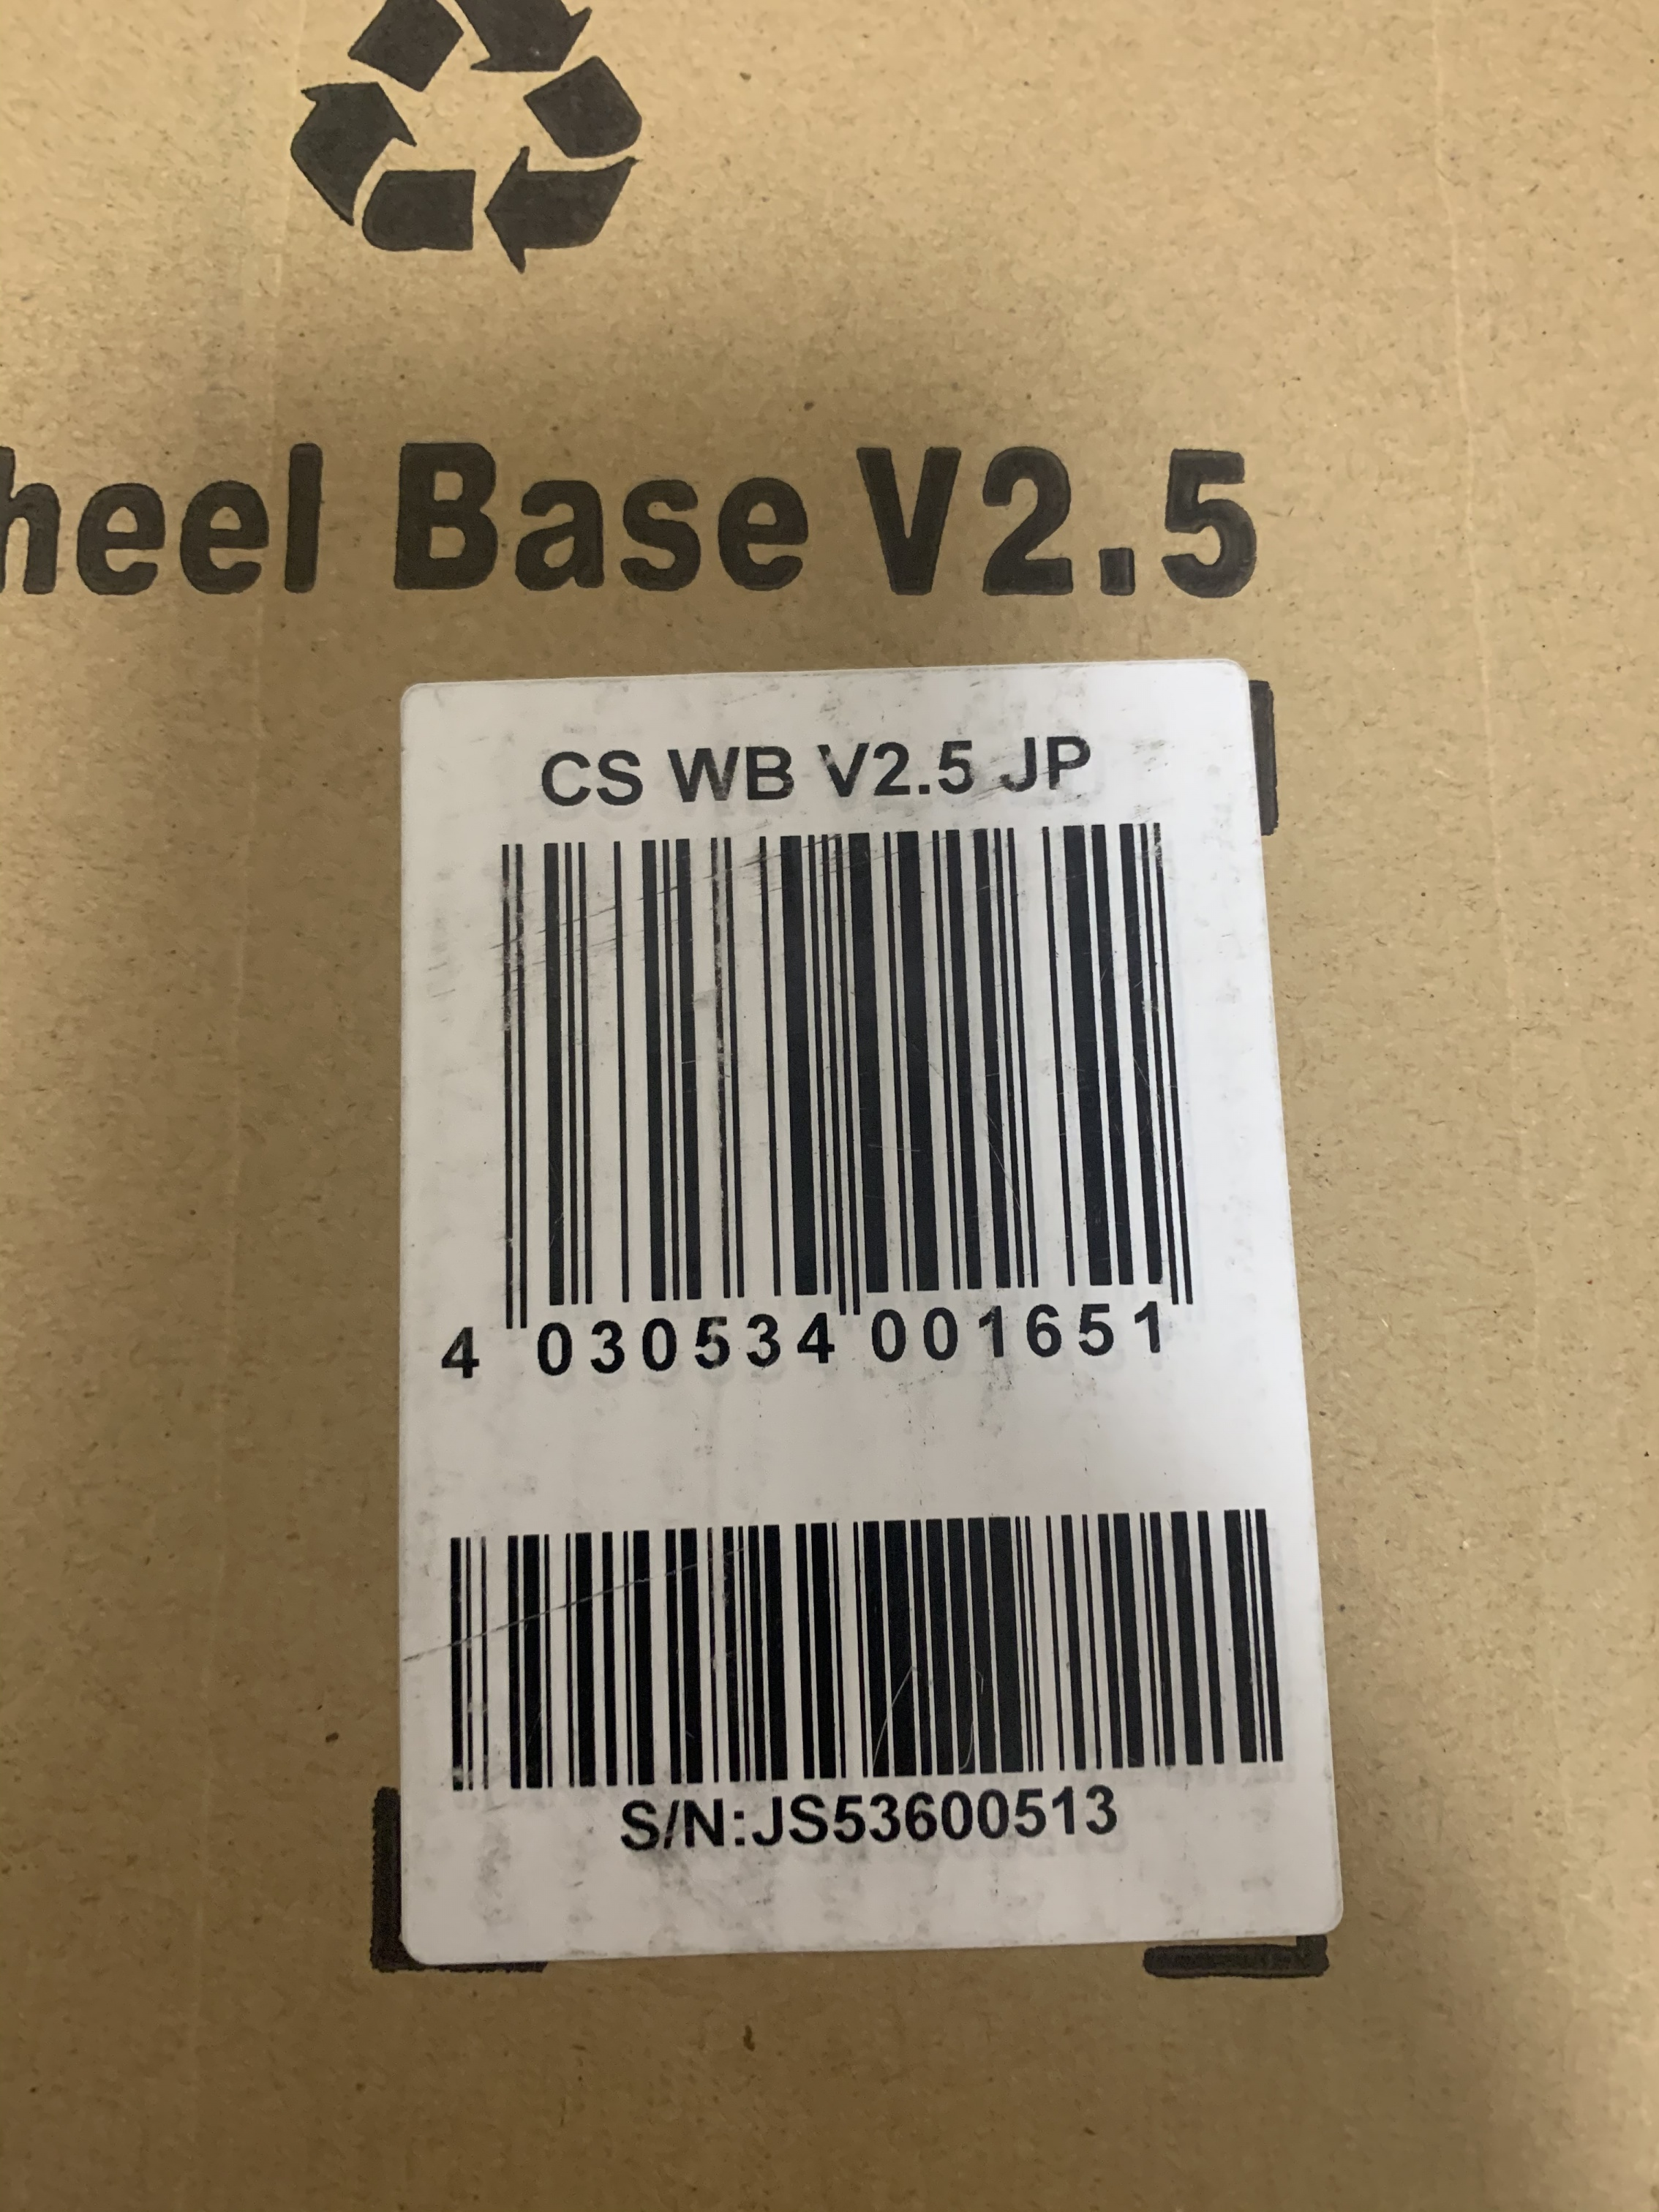 81FF20BE-23AD-4A9C-9CD2-E6C7EEC354CB.jpeg